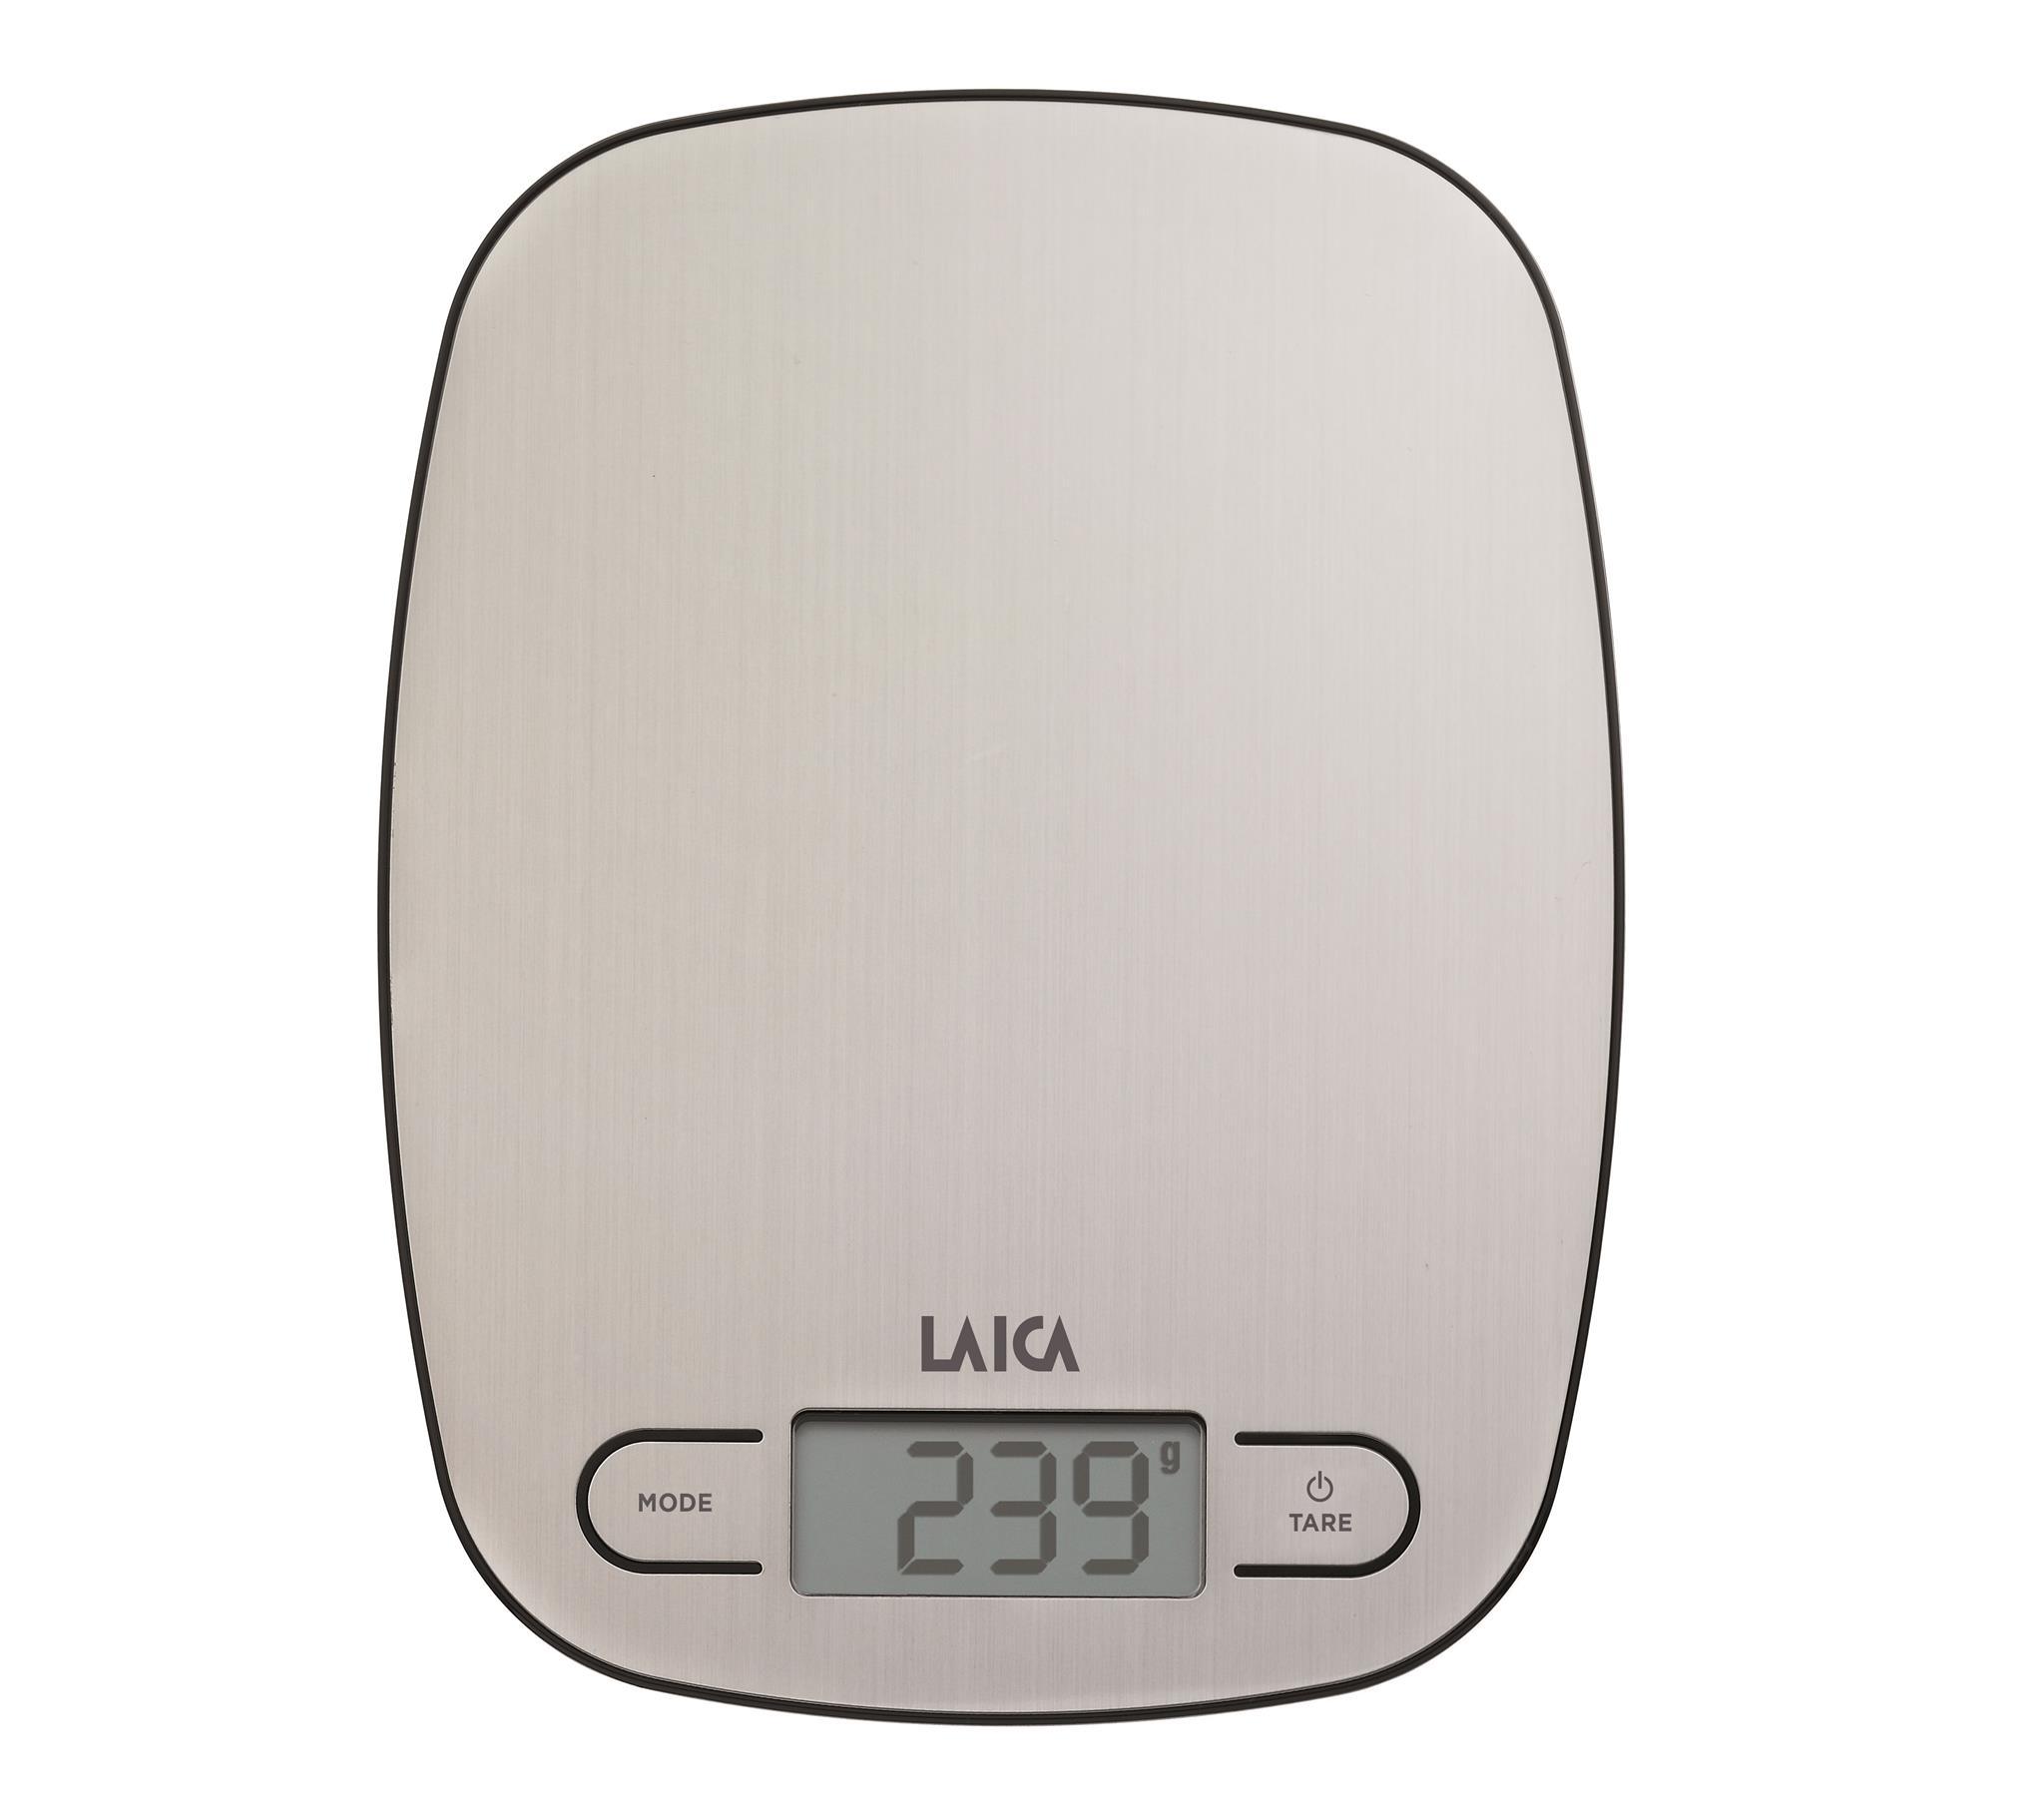 Cantar electronic de bucatarie Laica KS1033 - 5 kg laicashop.ro 2021